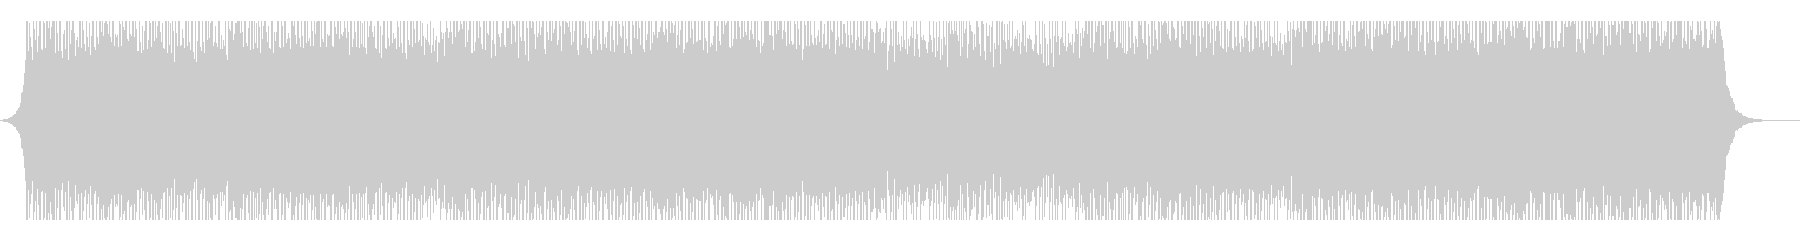 コーポレートローンチの未再生の波形